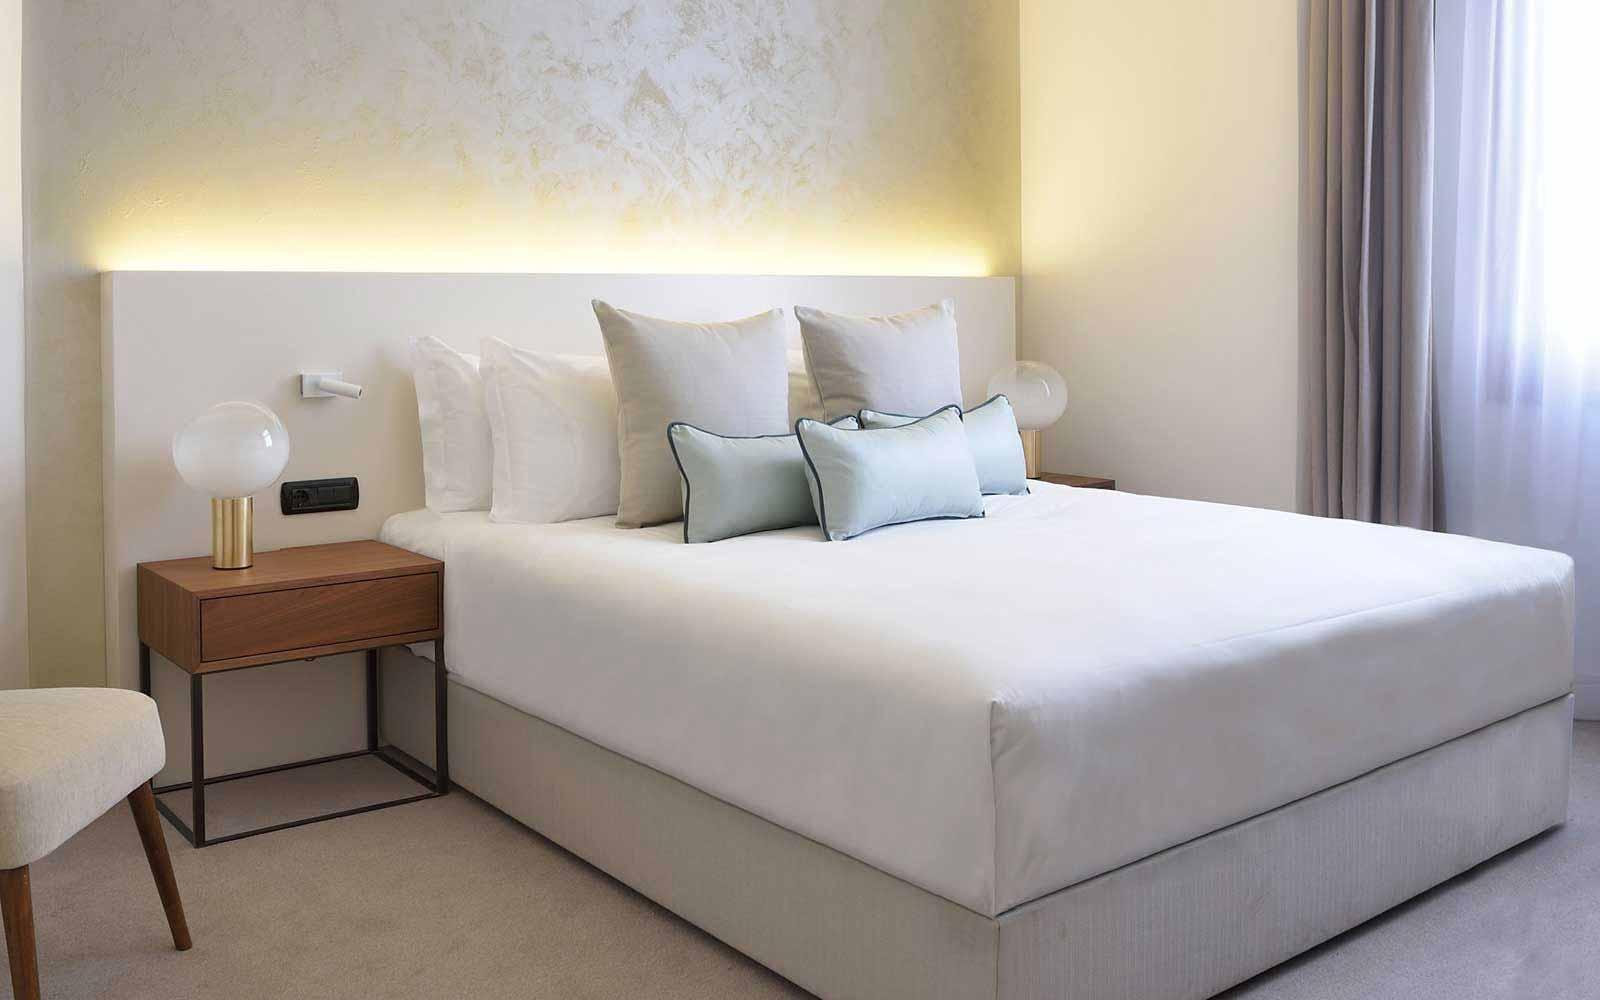 Studio Suite Bedroom at JW Marriott Venice Resort & Spa